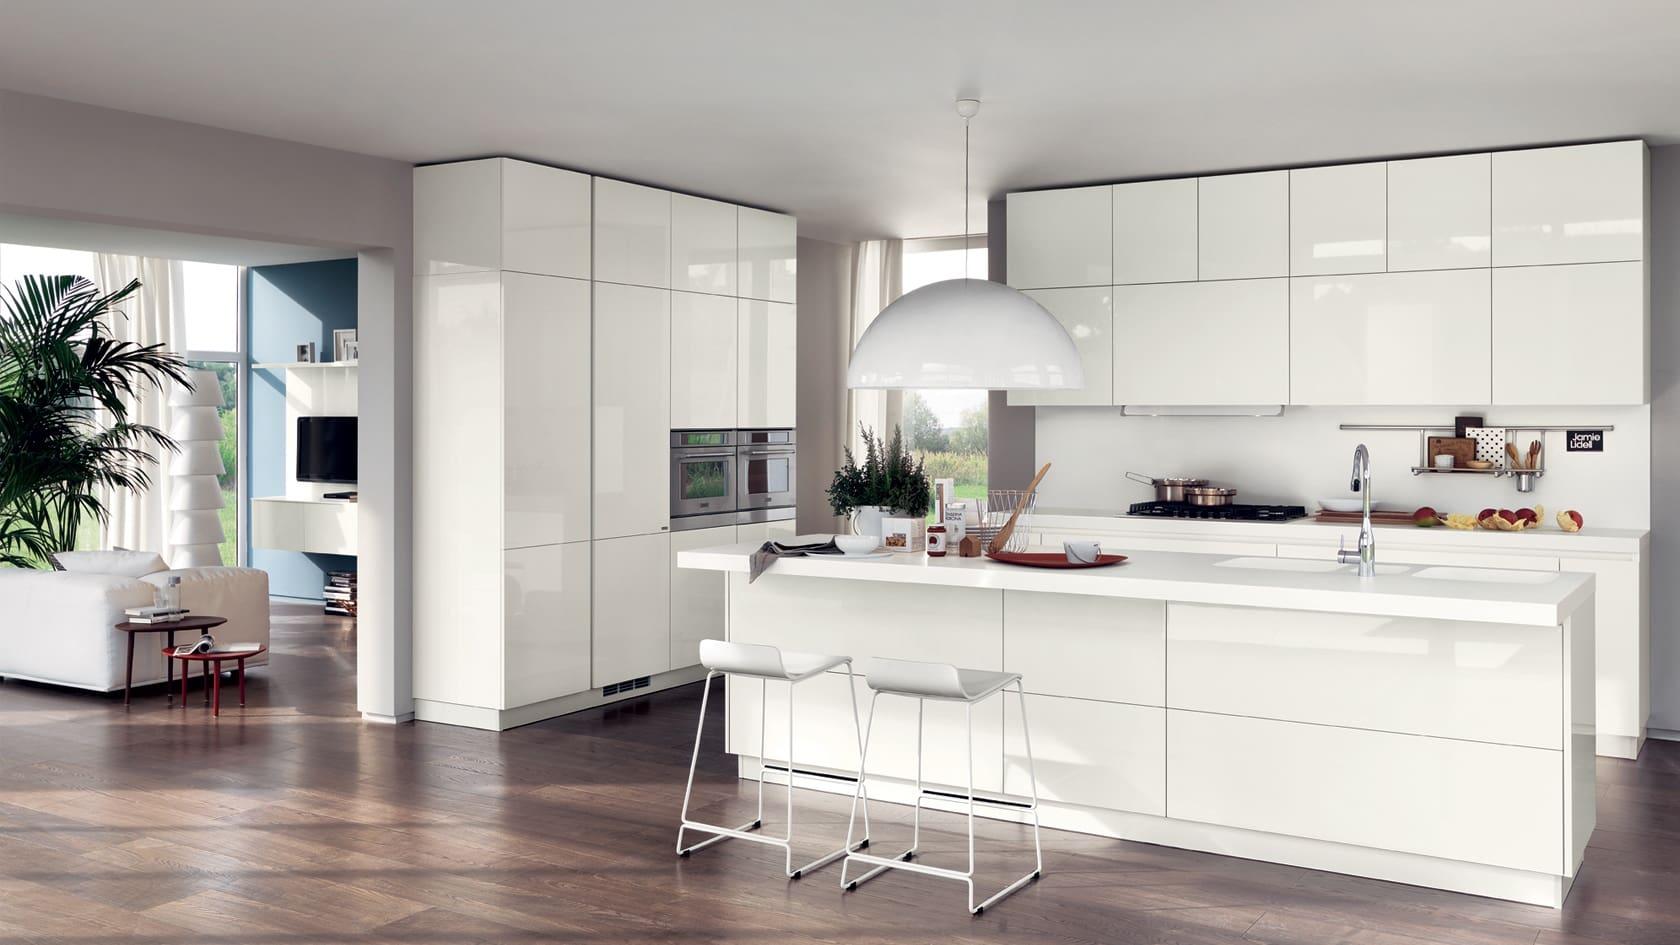 montella prisma arredo arredamento e mobili per la casa